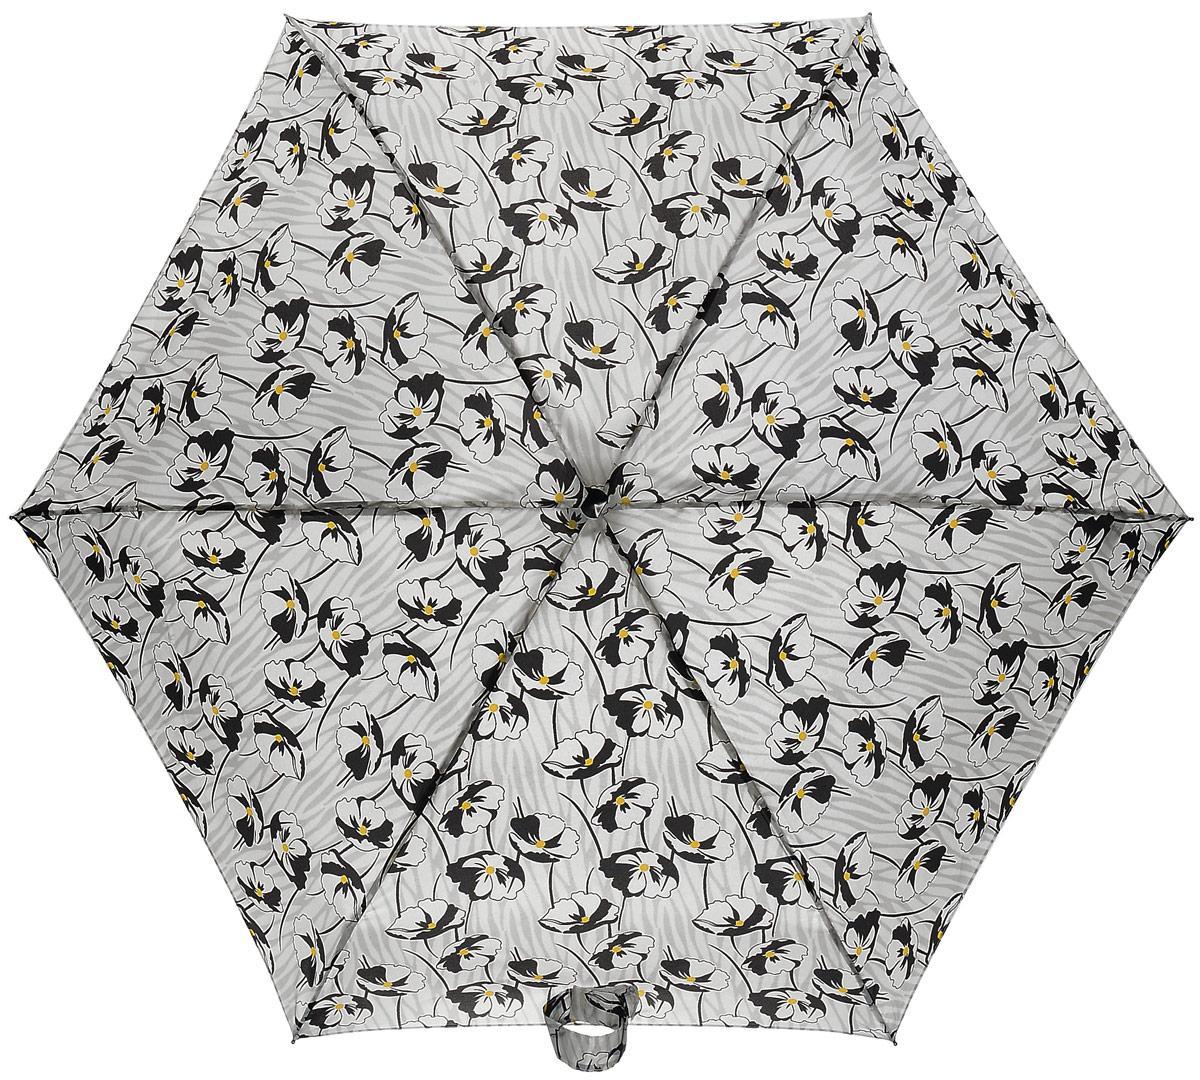 Зонт женский механика Fulton, расцветка: расцветкаы. L501-2615 50sFloralL501-2615 50sFloralСуперкомпактный женский зонт «Цветы», механика, Floral, tiny-2, L501 3F2615, Fulton Зонт в карман, и это не преувеличение. Весит 160 г и не заставит сожалеть о том, что дождь, под который его брали, так и не пролился. Купол рассчитан на одного человека, в сложенном состоянии зонт принимает четырехгранную форму и компактно располагается в кармане, сумочке, дверке автомобиля. Чехол с дополнительной впитывающей подкладкой защитит одежду и сумку от влаги. Рисунок ткани универсальный, хорошо сочетаемый с цветом верхней одежды. У зонта прочная, ветроустойчивая конструкция.